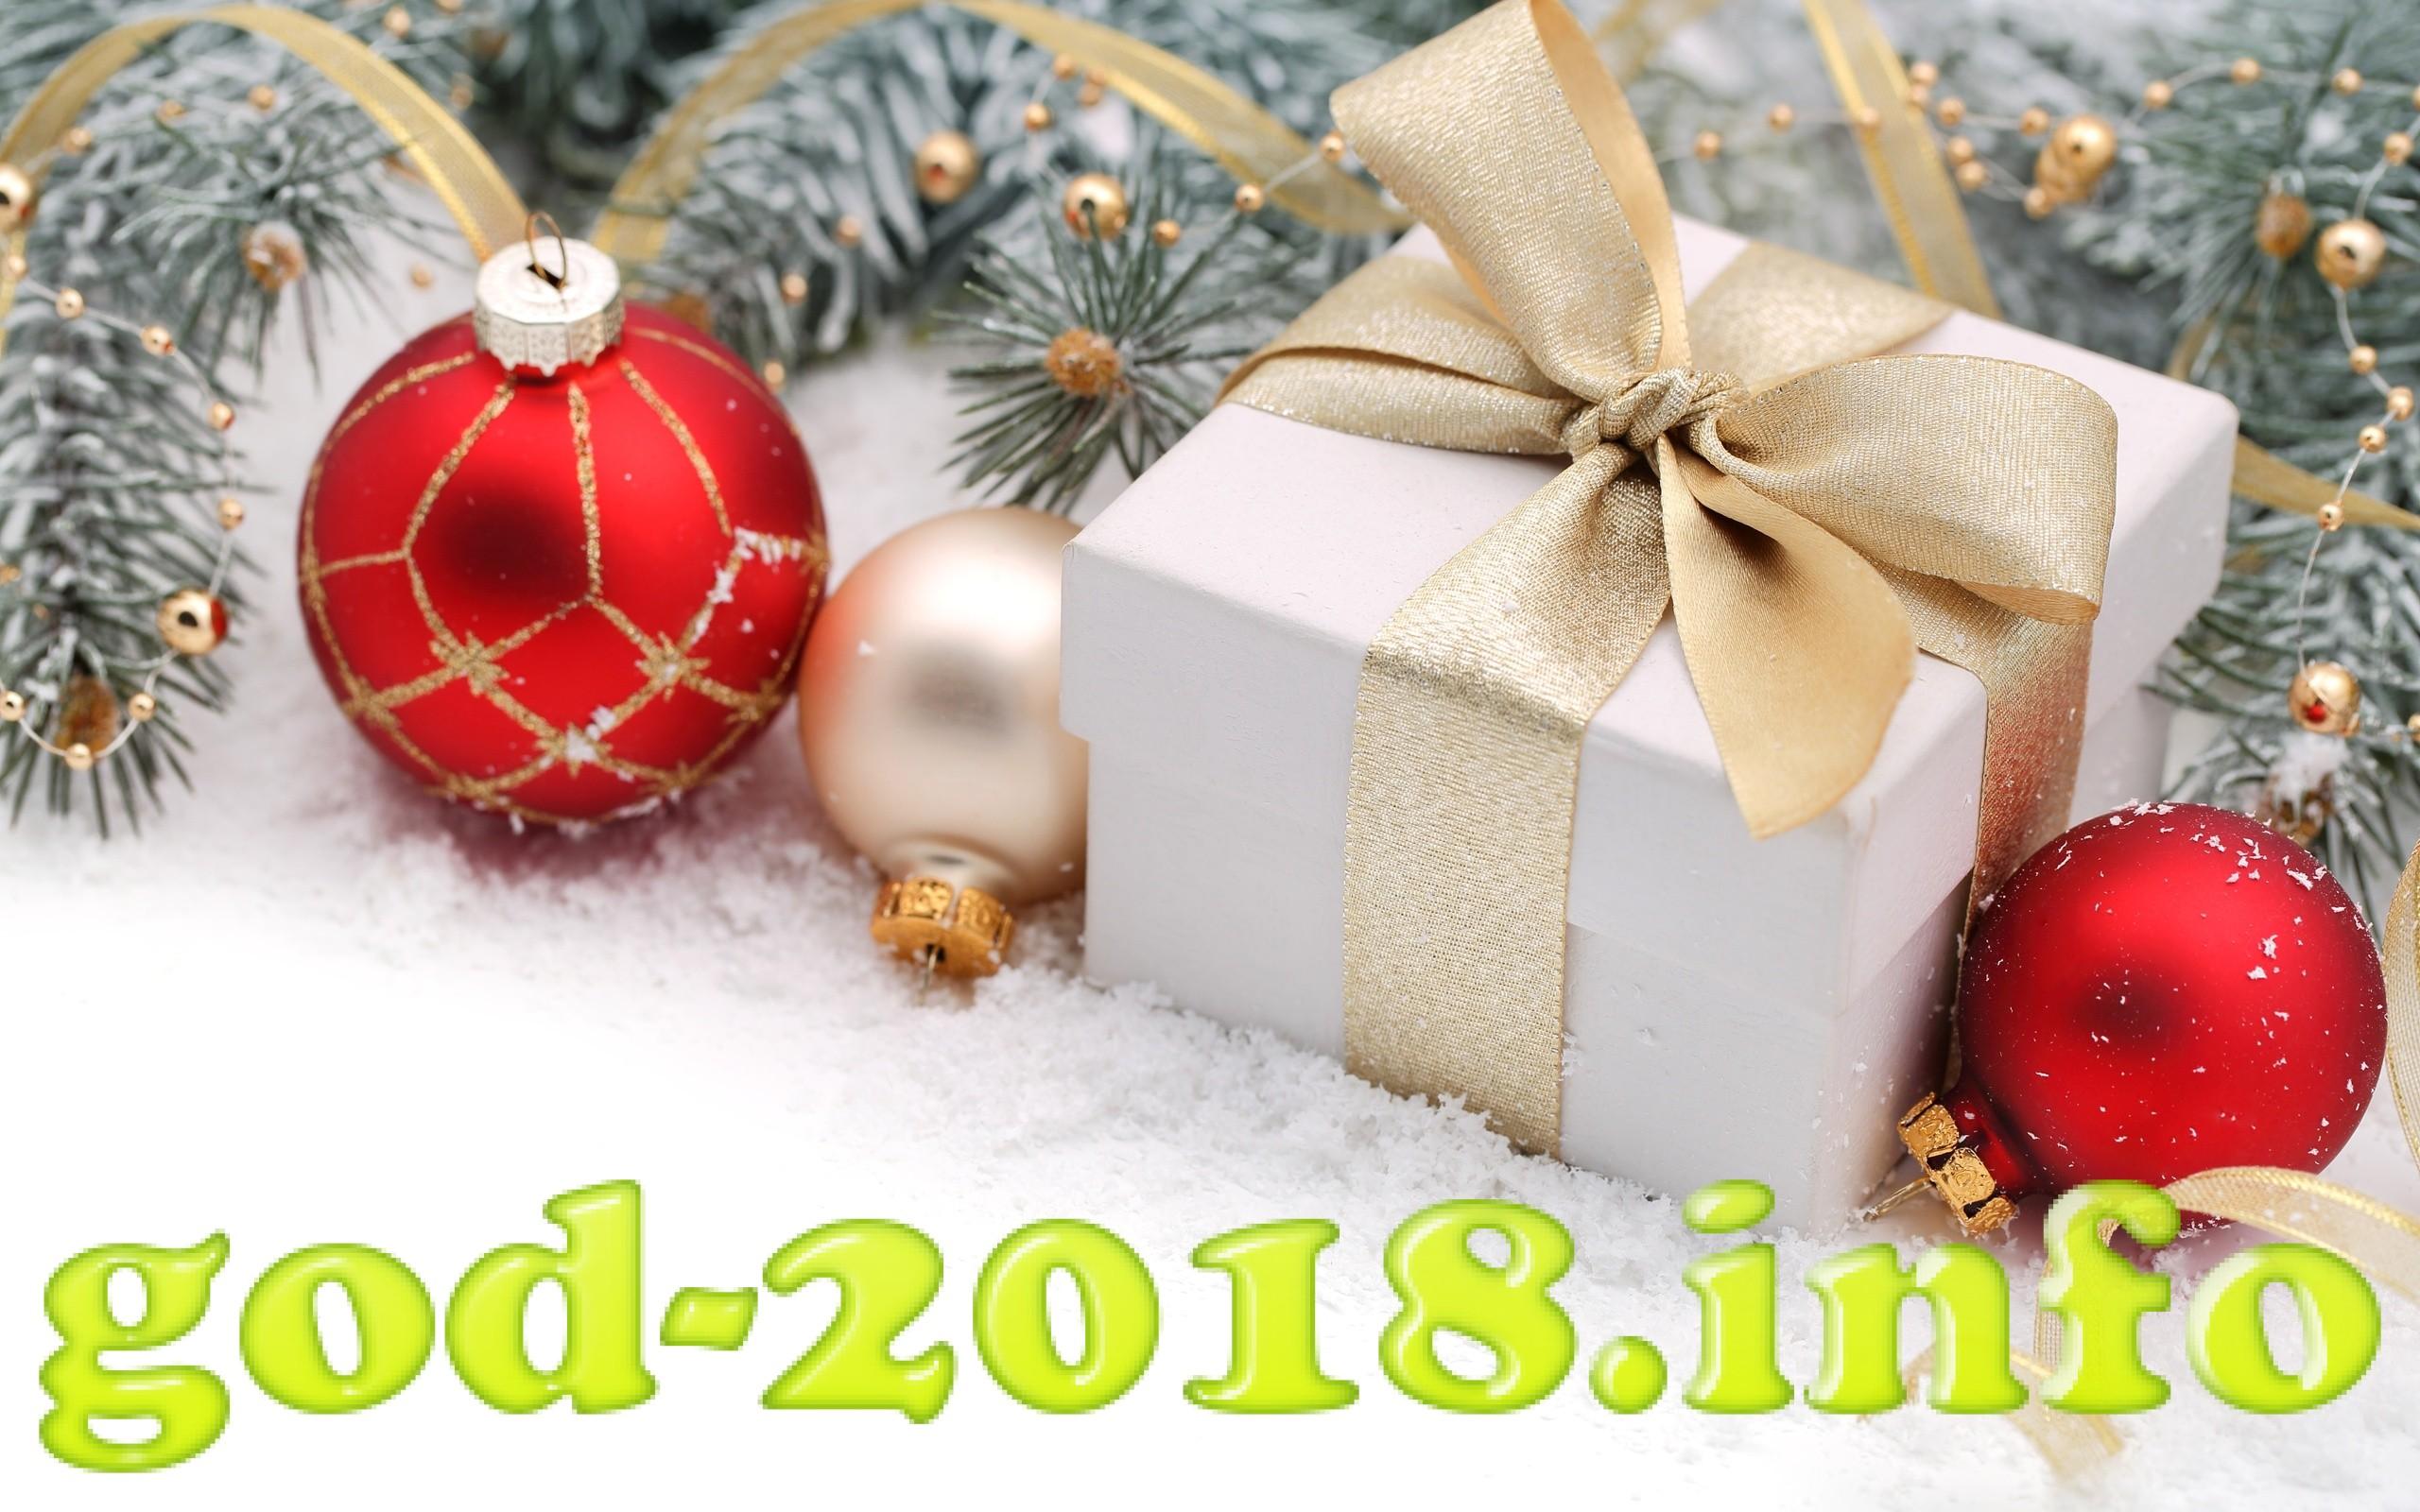 interesnye-pozdravlenija-s-novym-godom-2018-dlja-ljubimogo-3